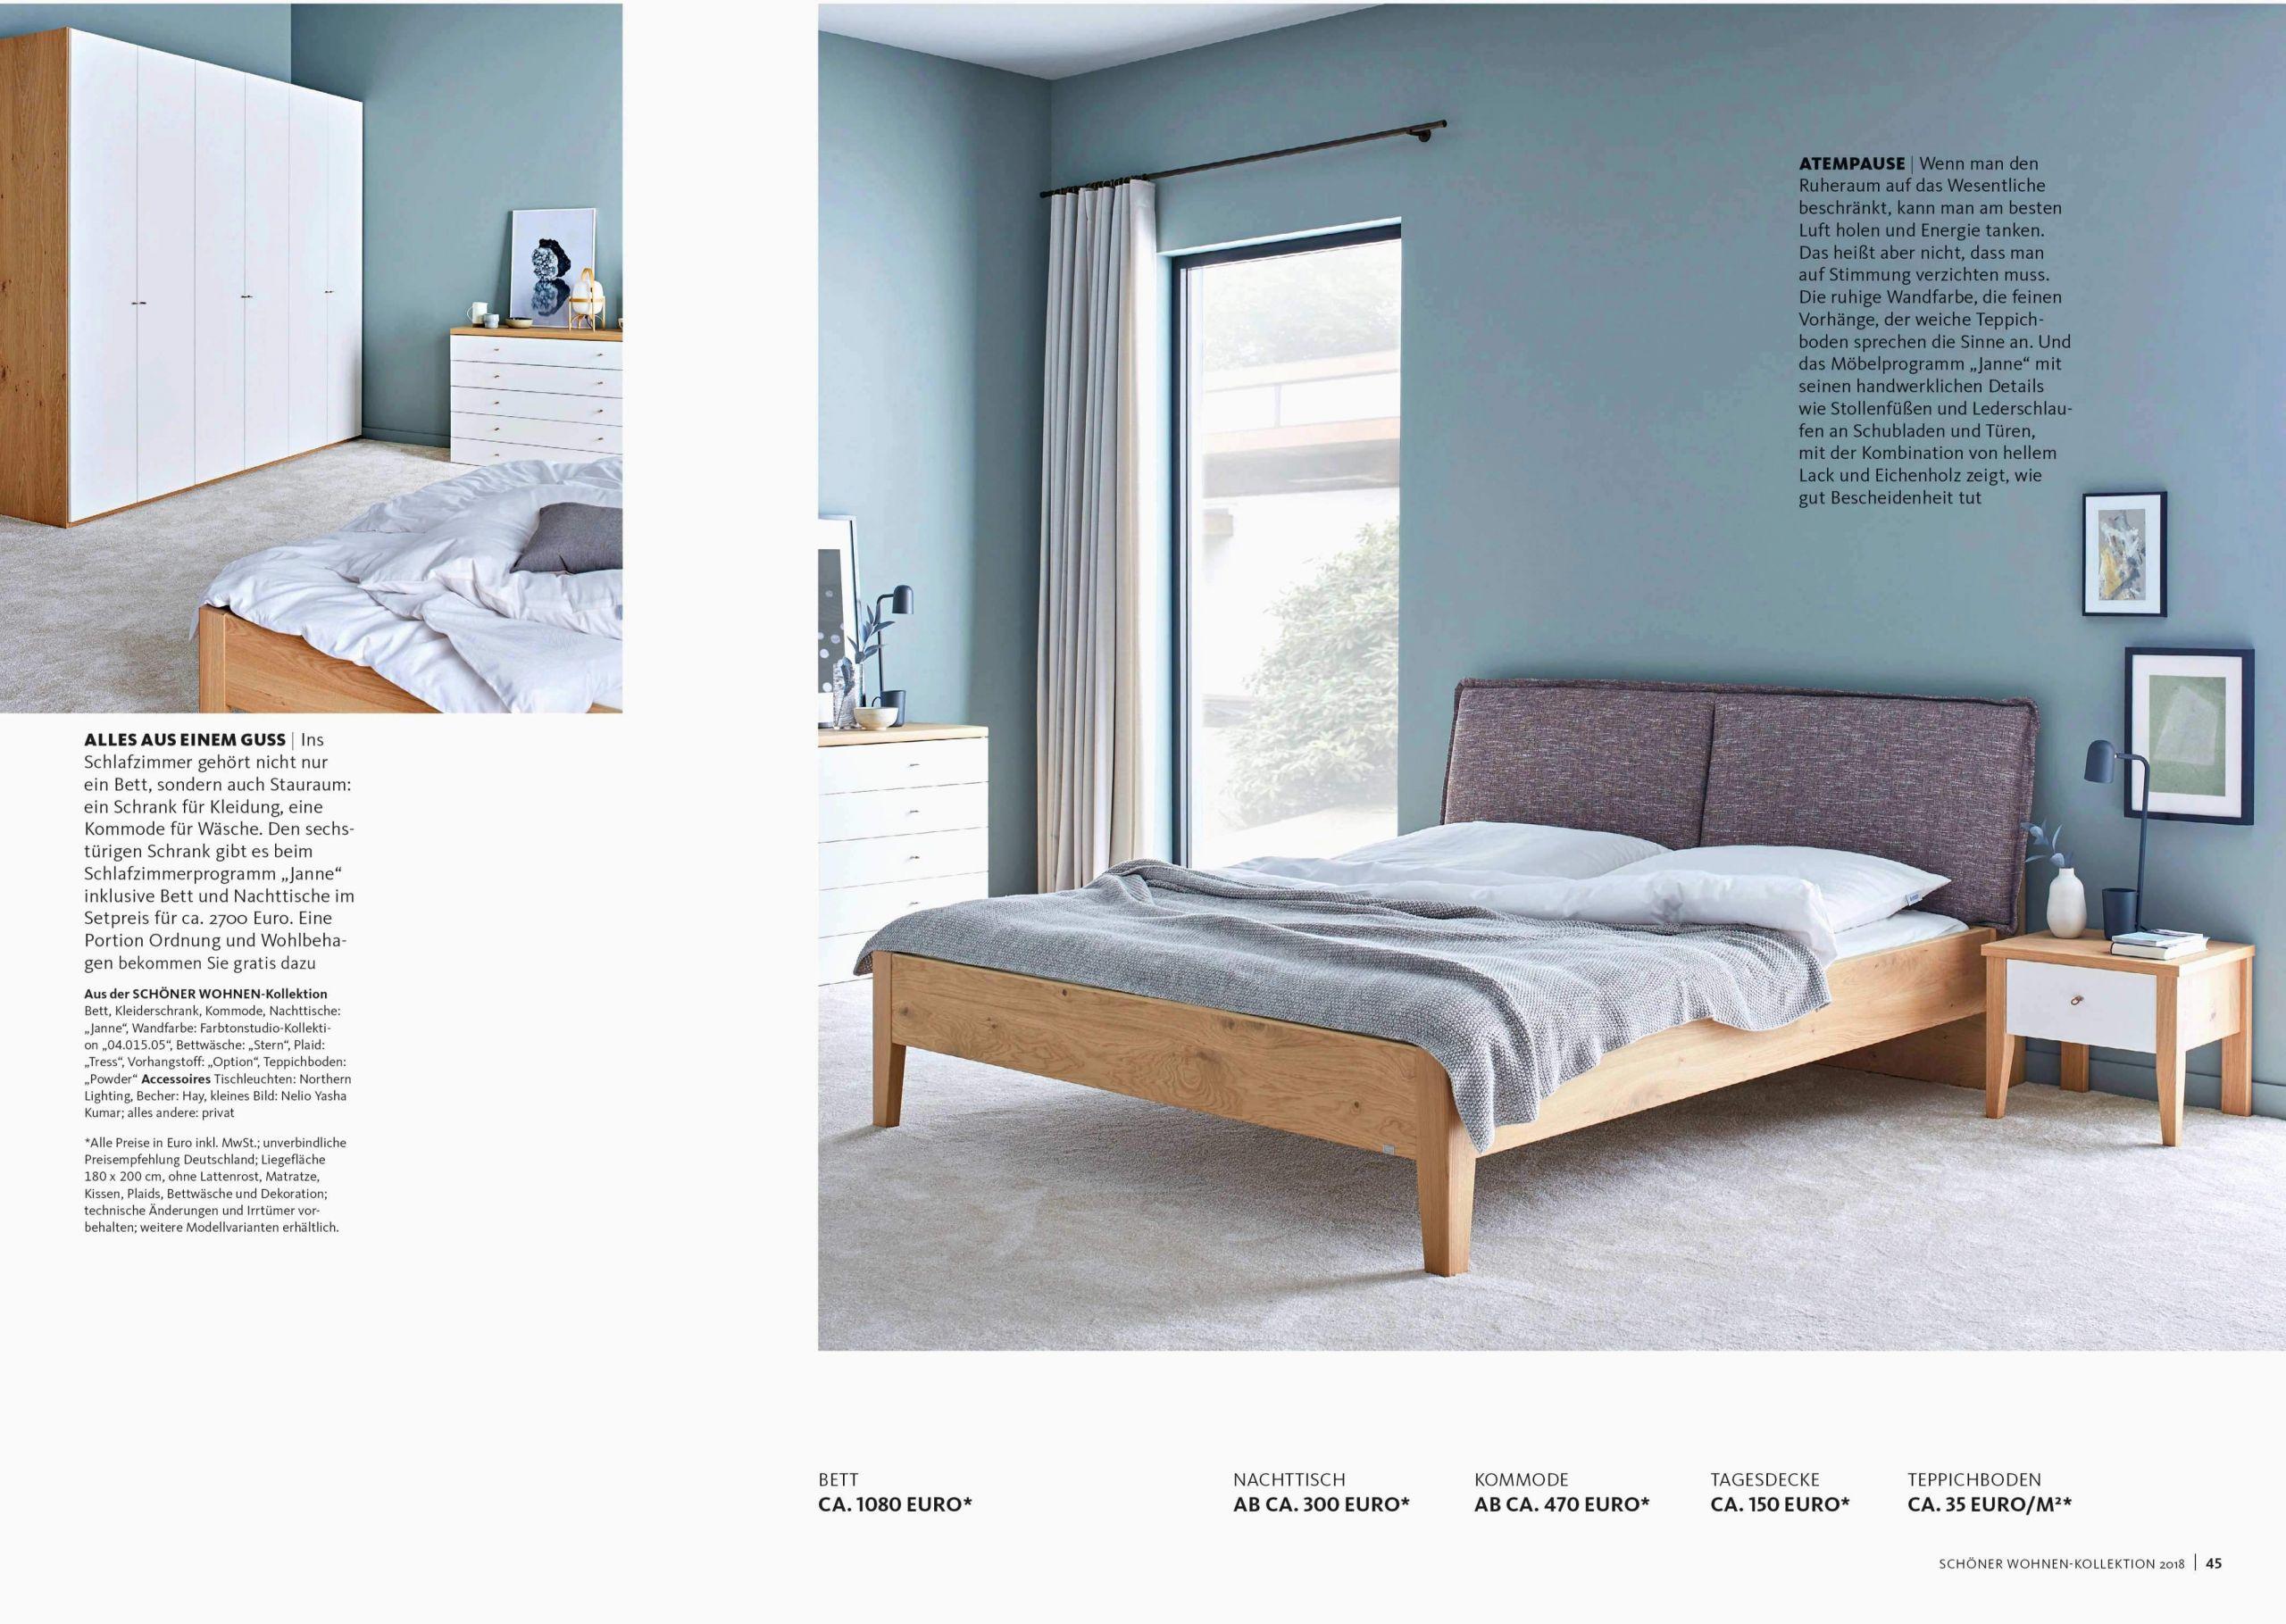 Deko Ideen Für Garten Elegant 26 Neu Wohnzimmer Ideen Für Kleine Räume Frisch